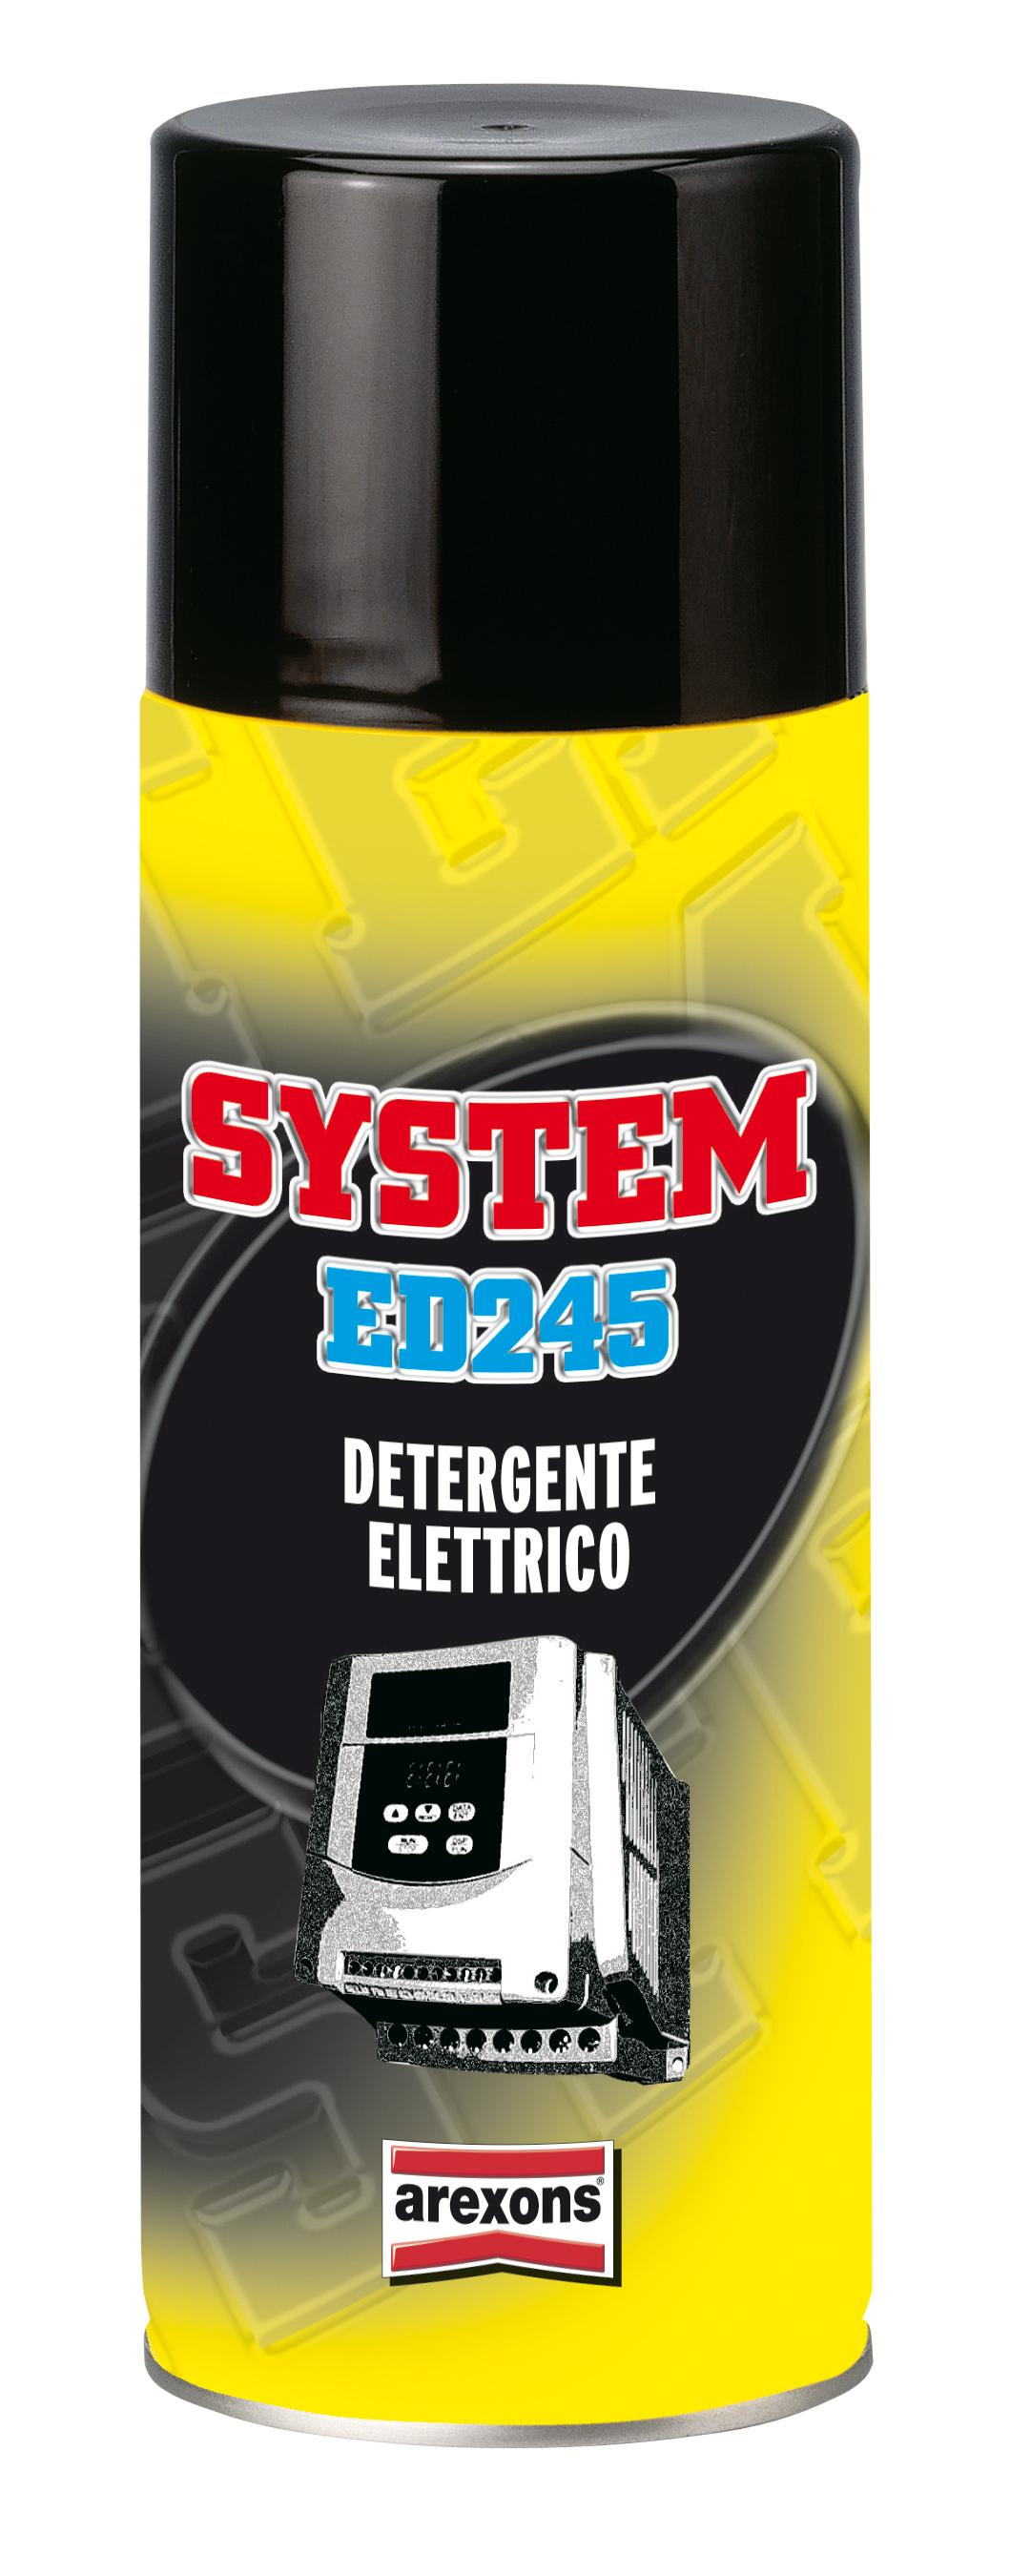 ED245 - Čistící prostředek na elektrická zařízení